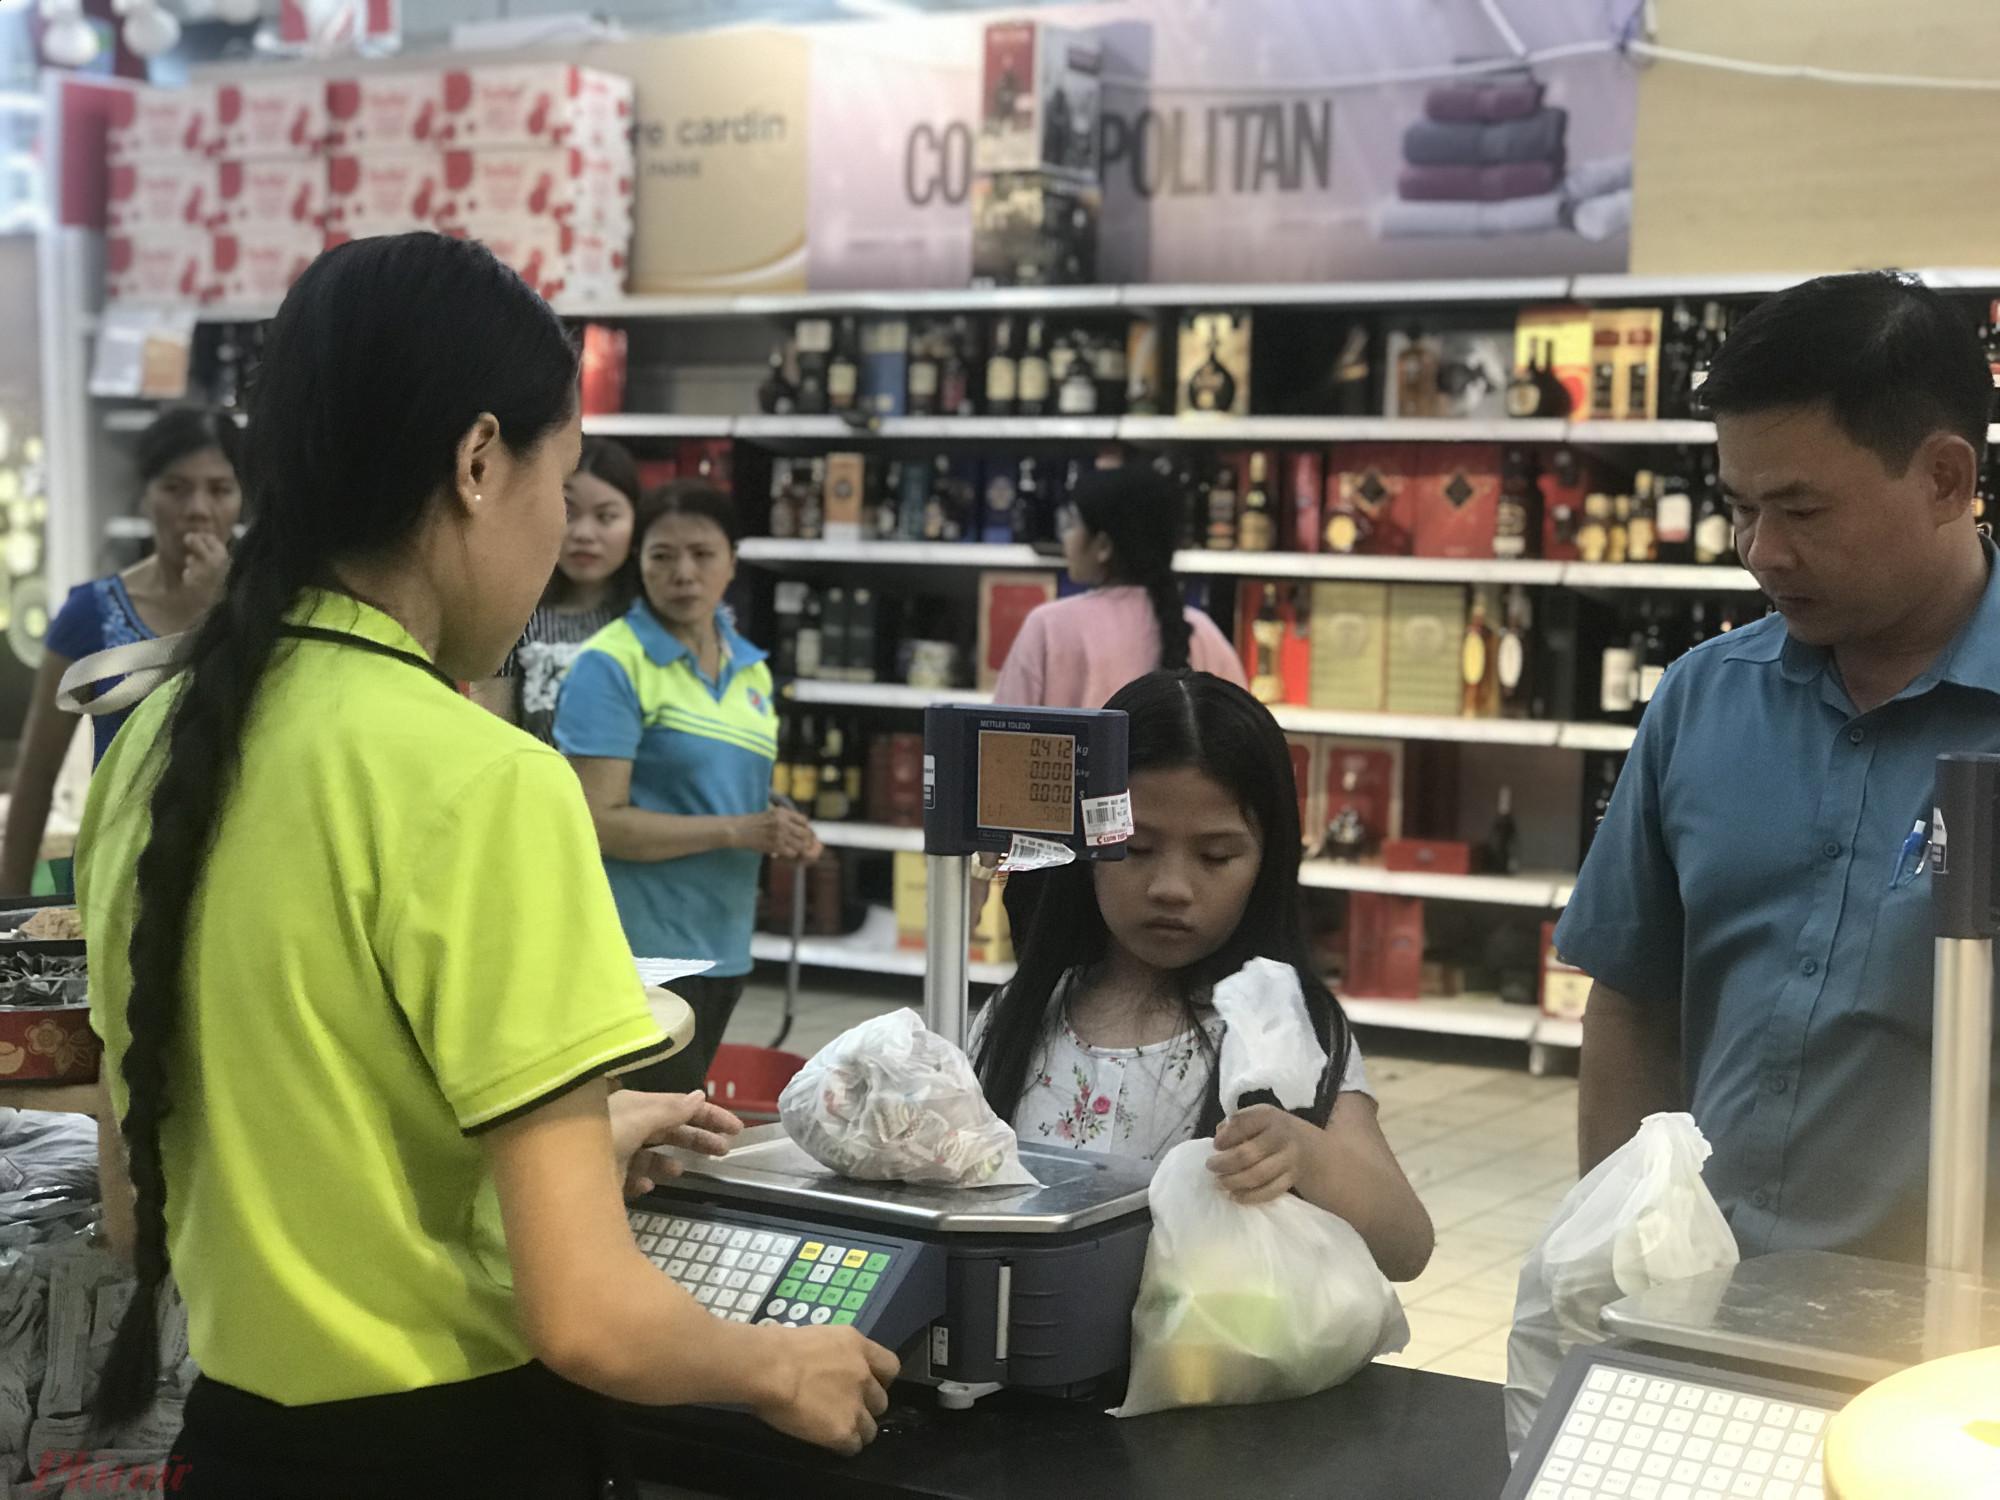 Một két cân hàng tại siêu thị Big C, khách hàng phải chờ để đến lượt cân.